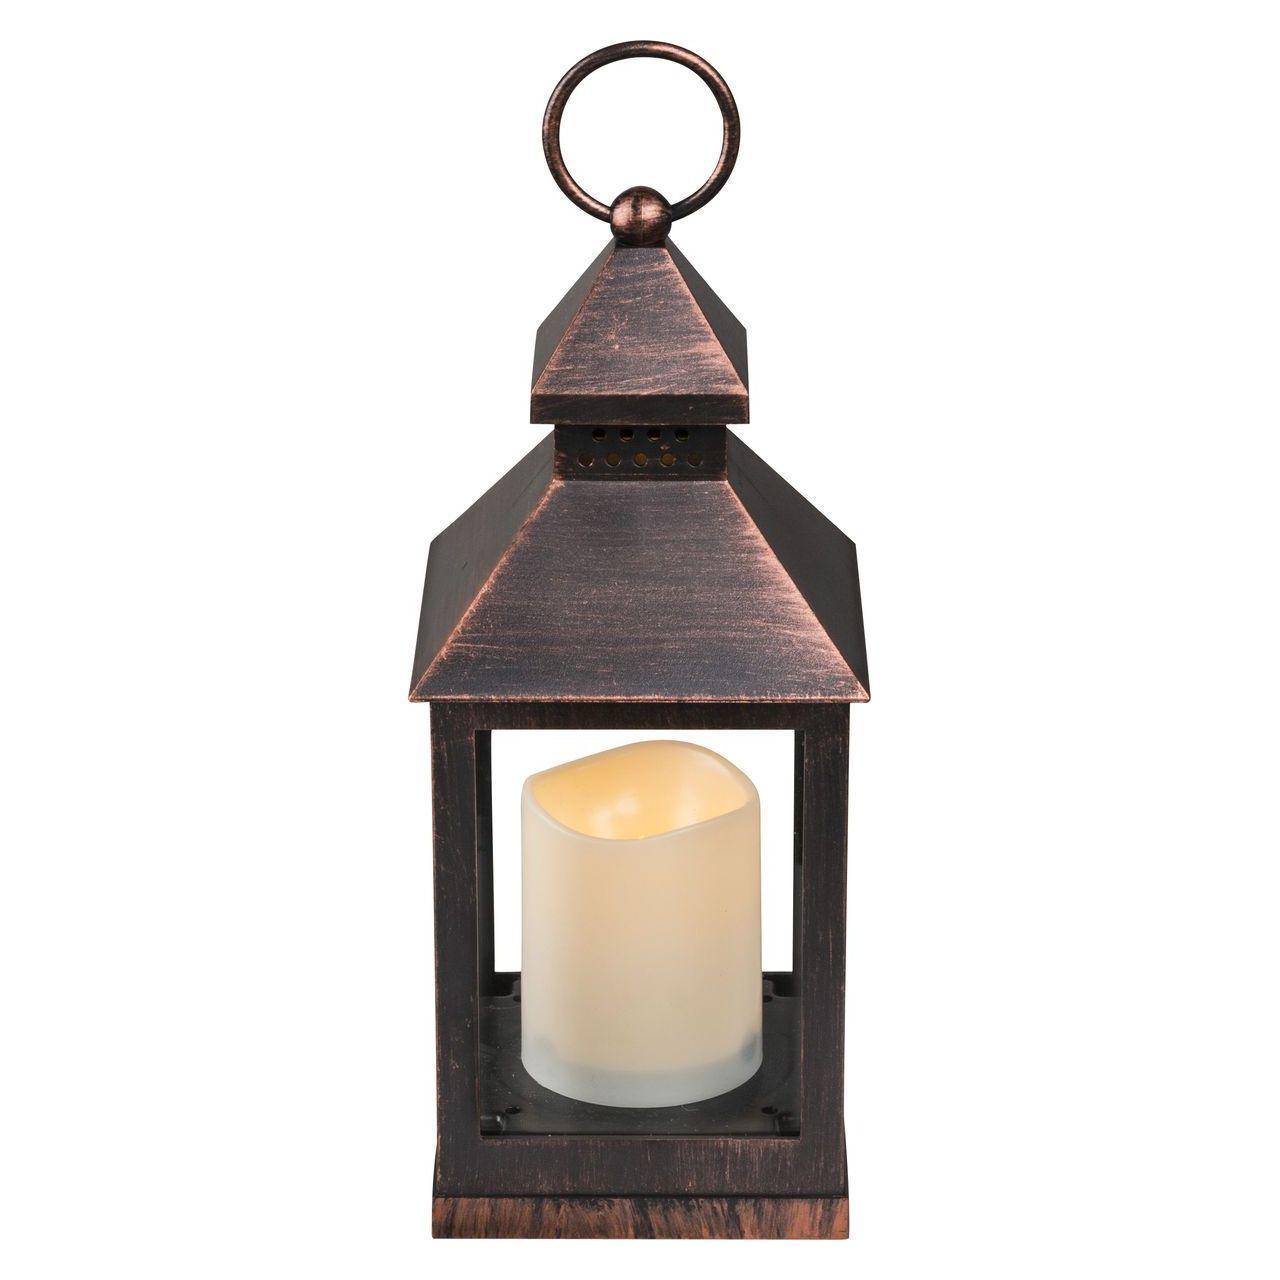 Настольная лампа Globo Fanal I 28192-12 настольная лампа globo fanal i 28192 12